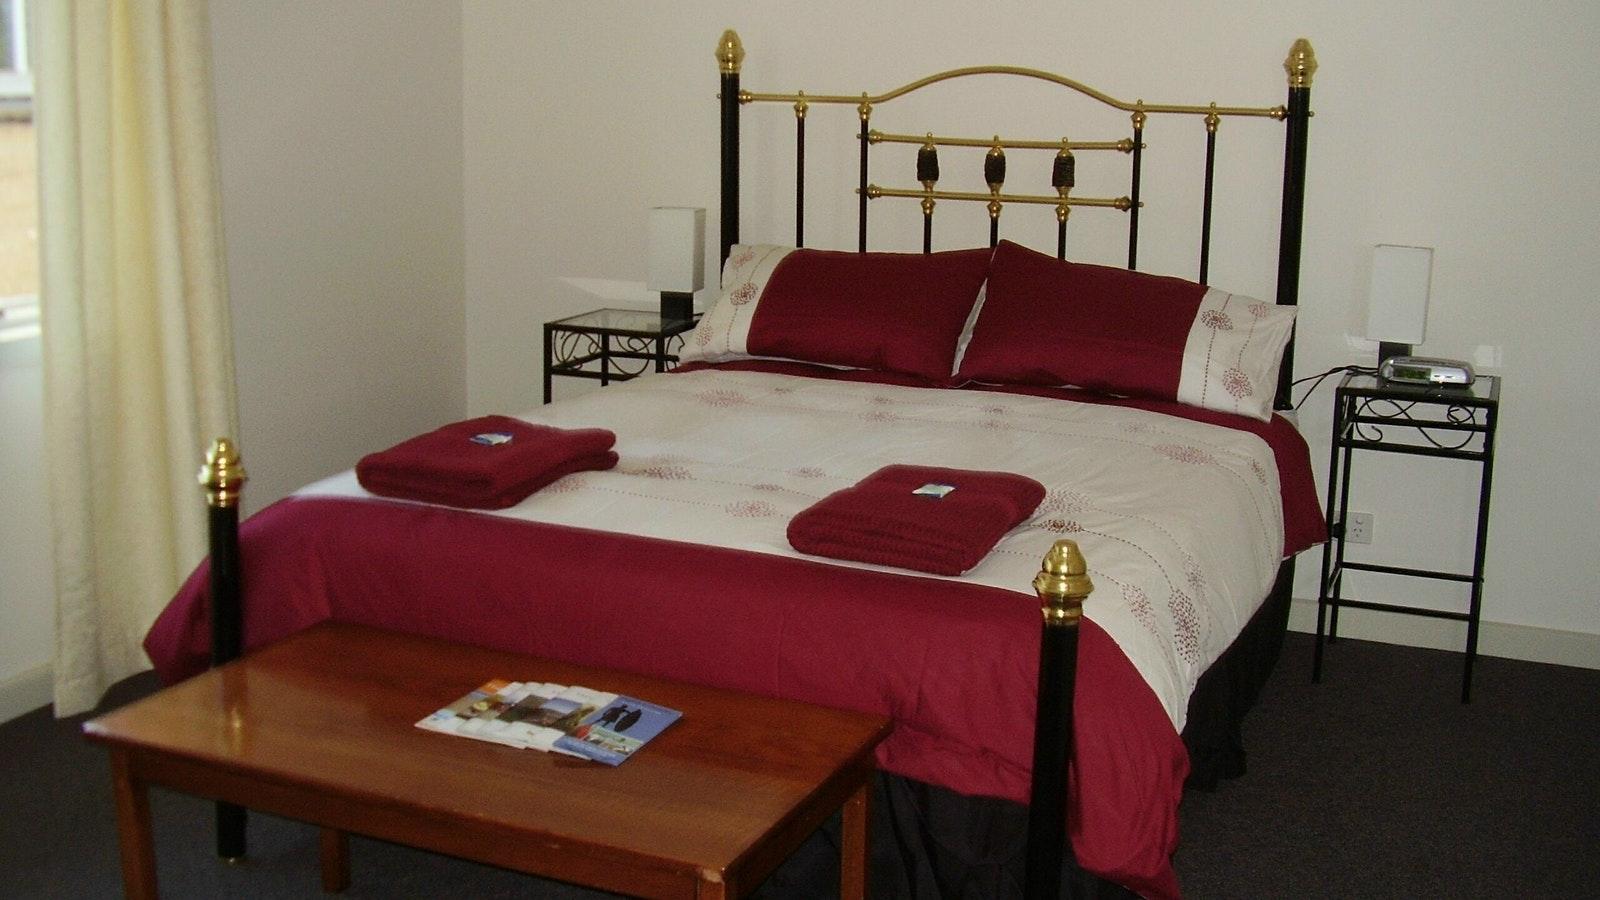 Kookaburra Main Queen Bedroom